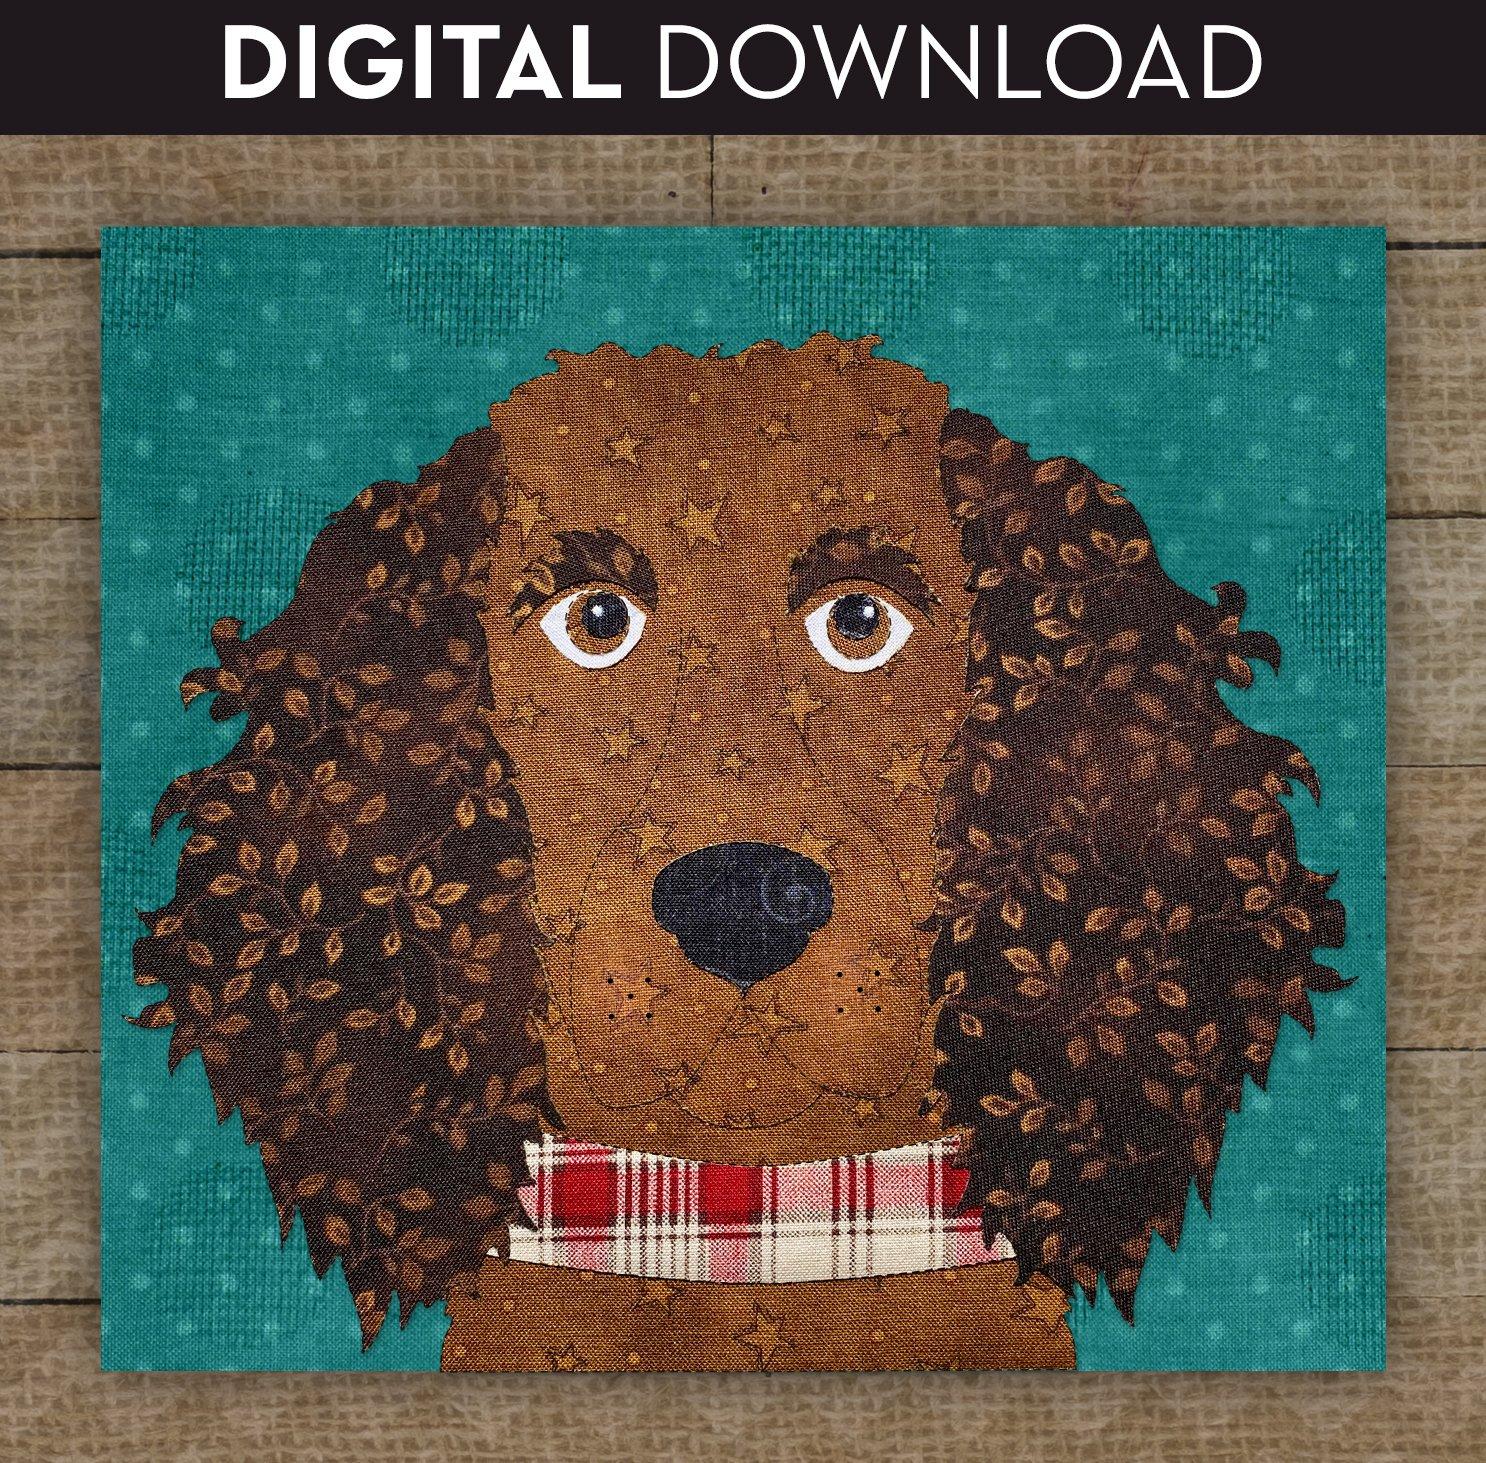 American Water Spaniel/Boykin Spaniel - Download